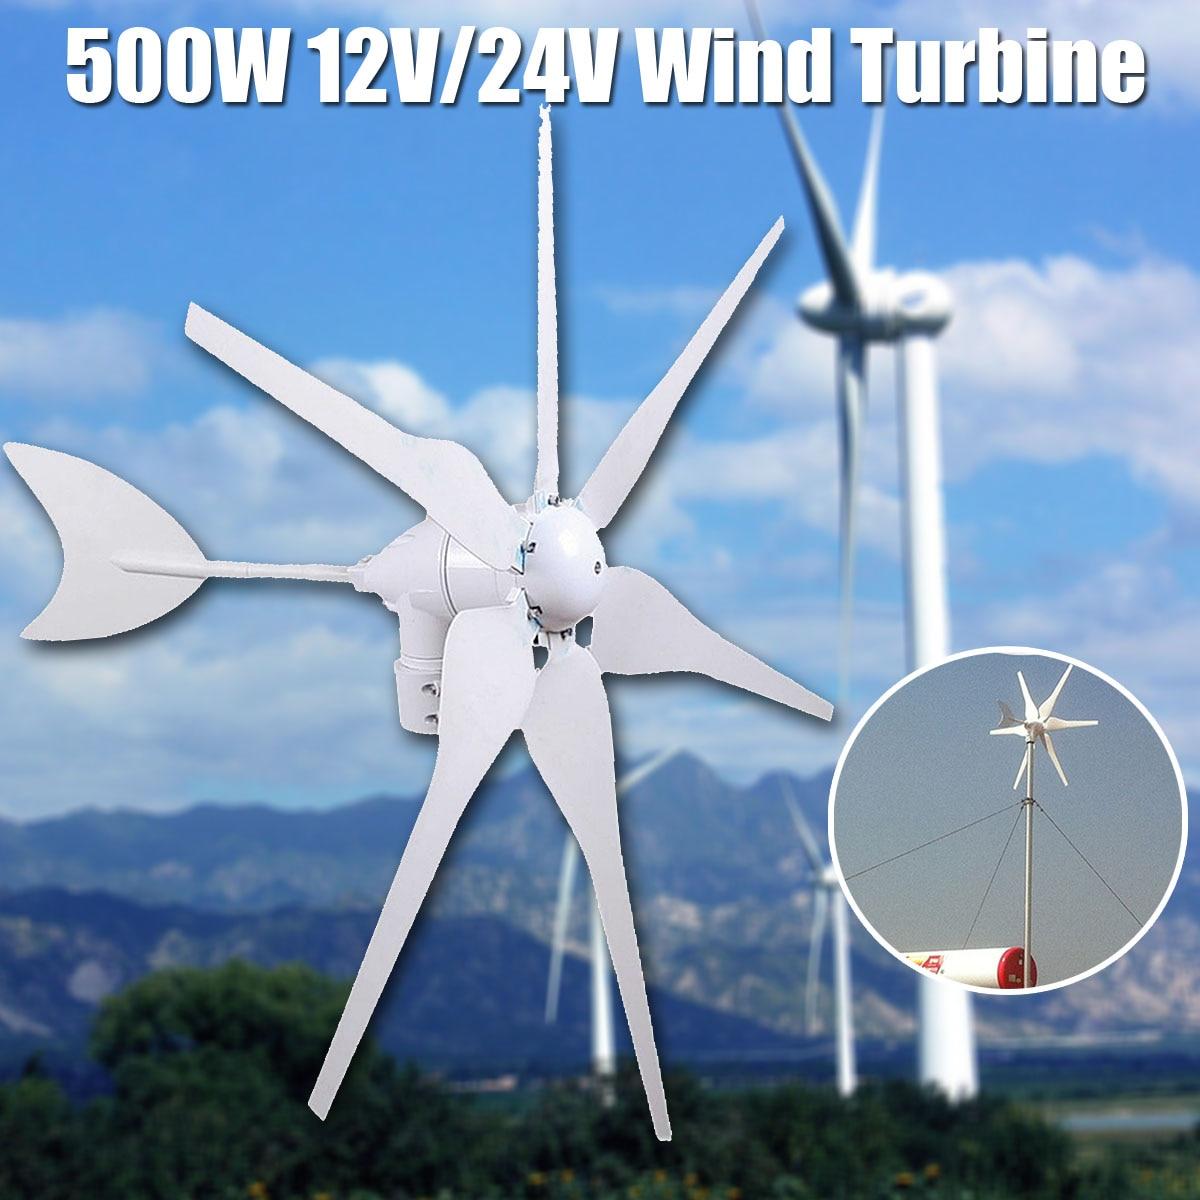 500 w 12 v/24 v Energy Environmental 6 Lames Mini Éoliennes Générateur Miniature Vent Turbines Maison D'habitation avec Contrôleur